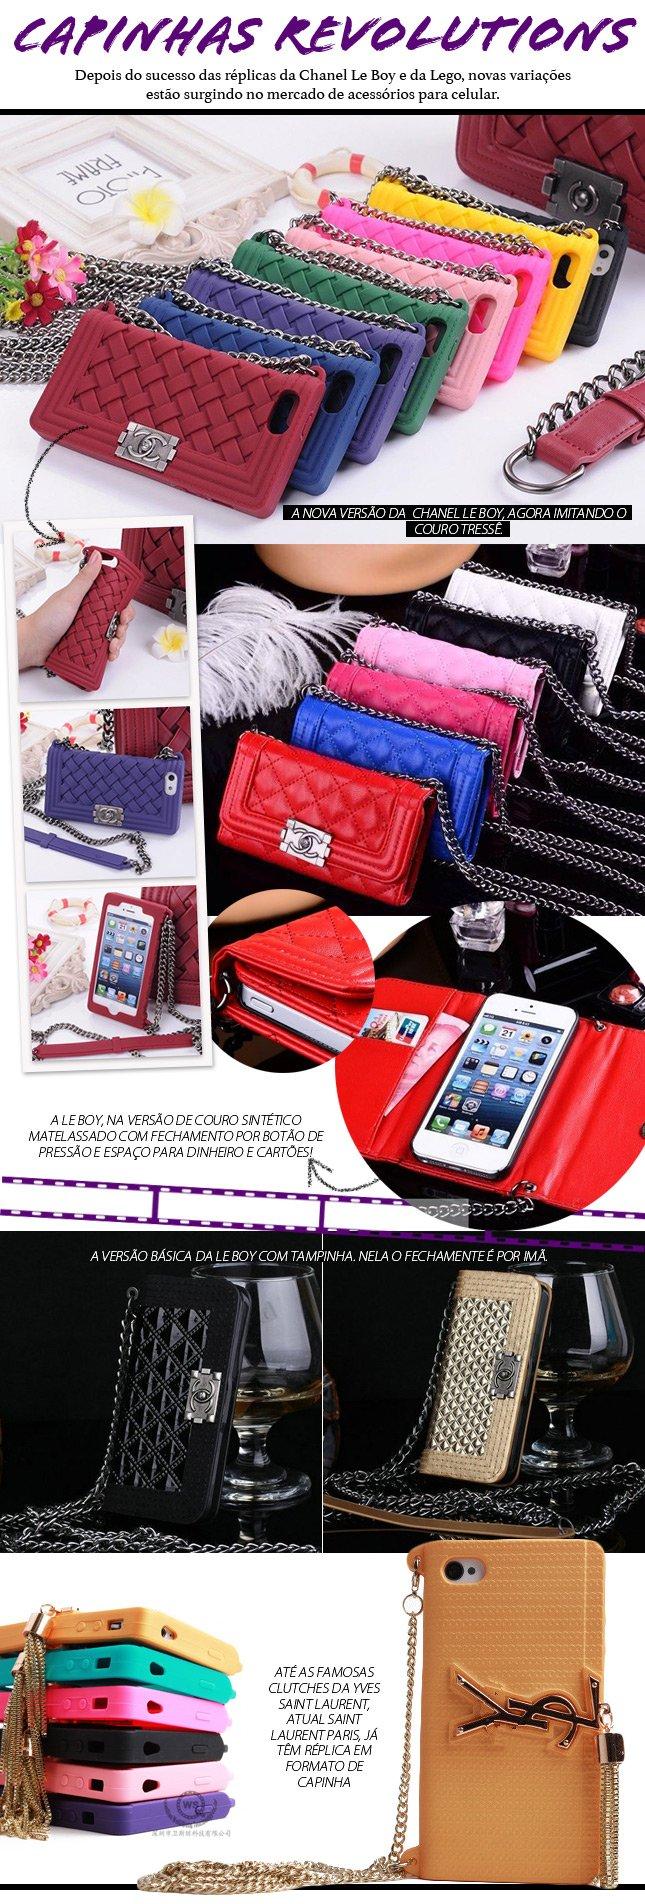 capinhas chanel celular iphone blog de moda oh my closet capinha chanel para celular bolsinha le boy lego dica hit accessories